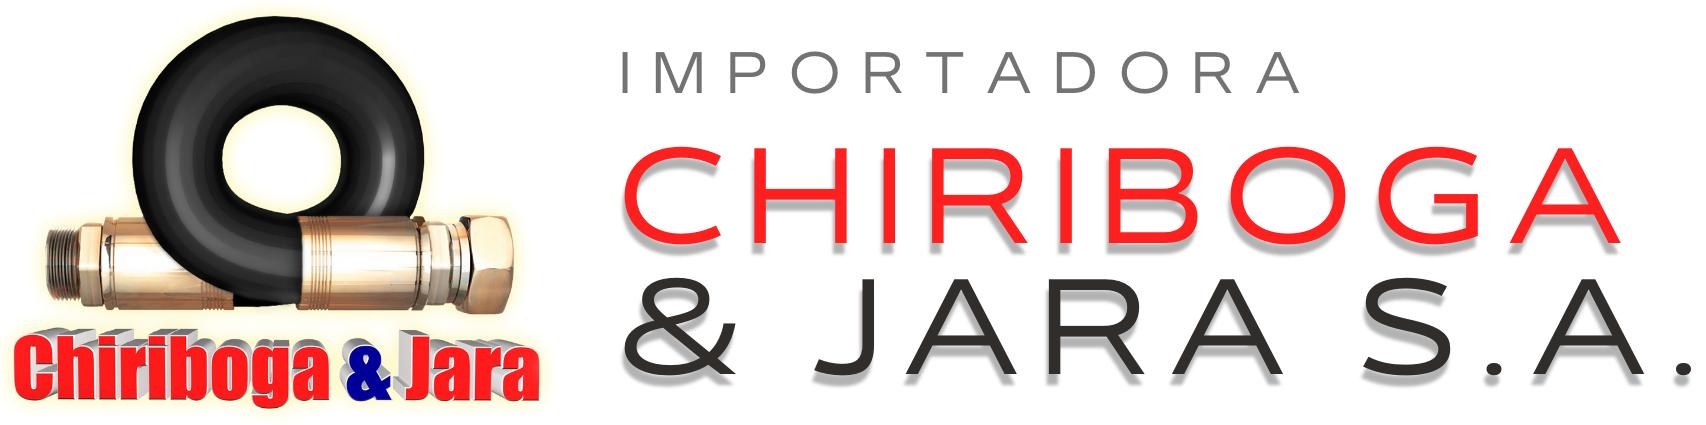 Chiriboga & Jara S.A